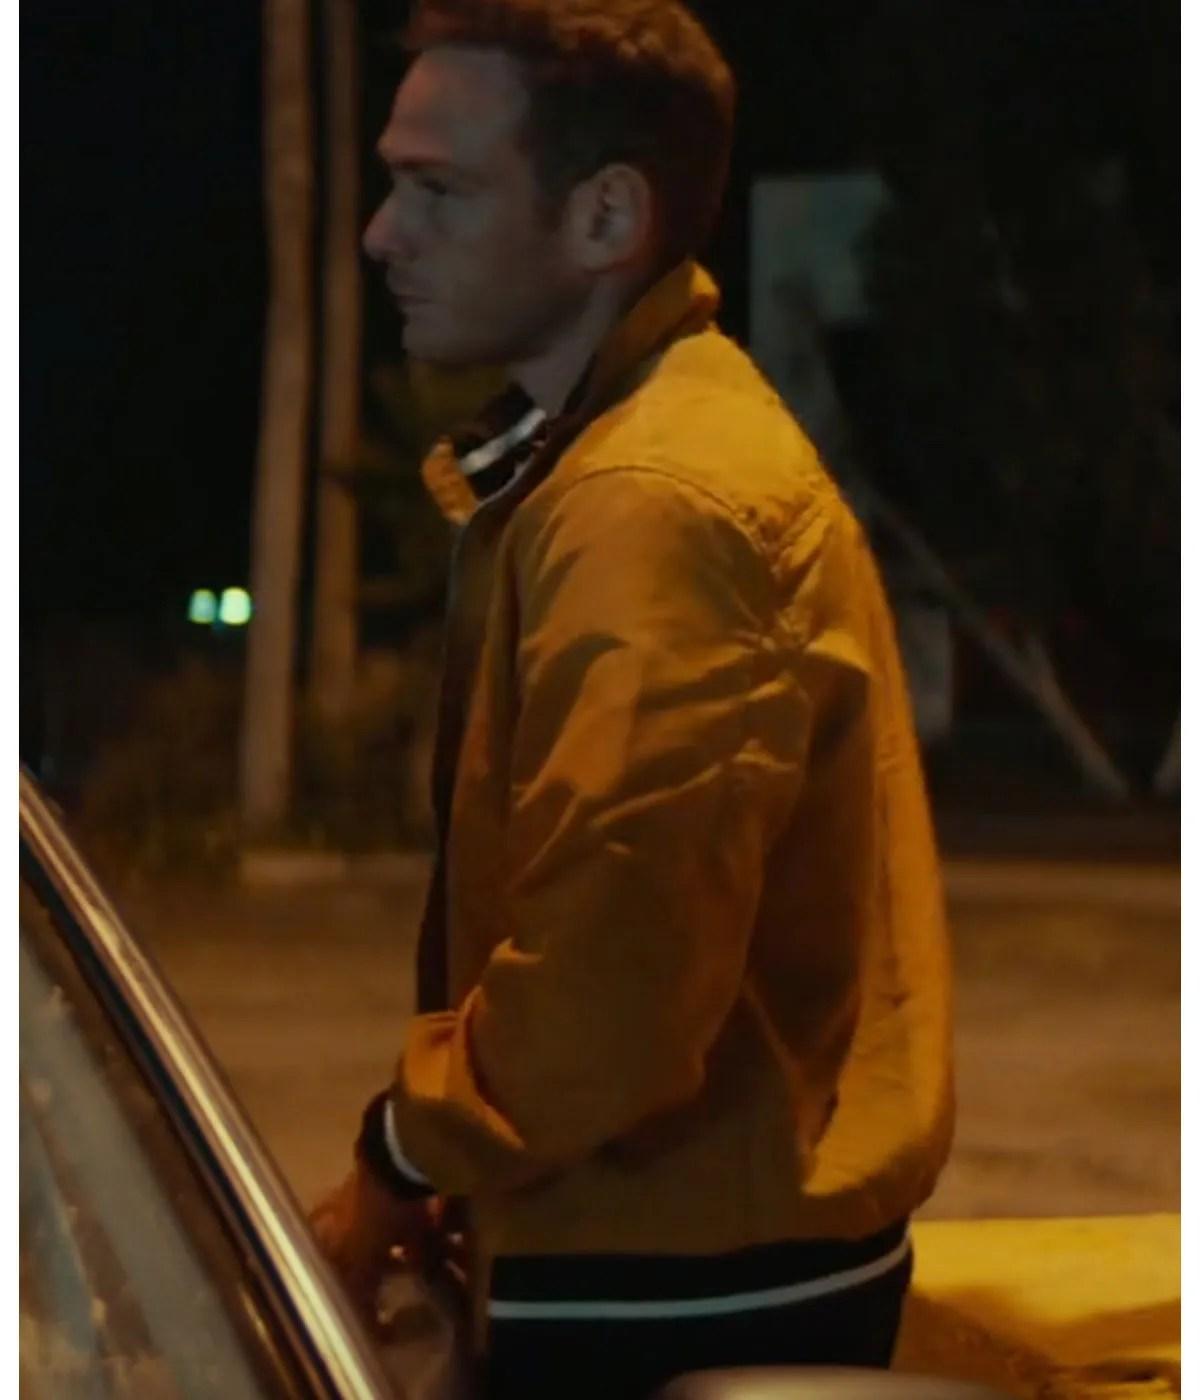 drayer-baby-money-gil-jacket